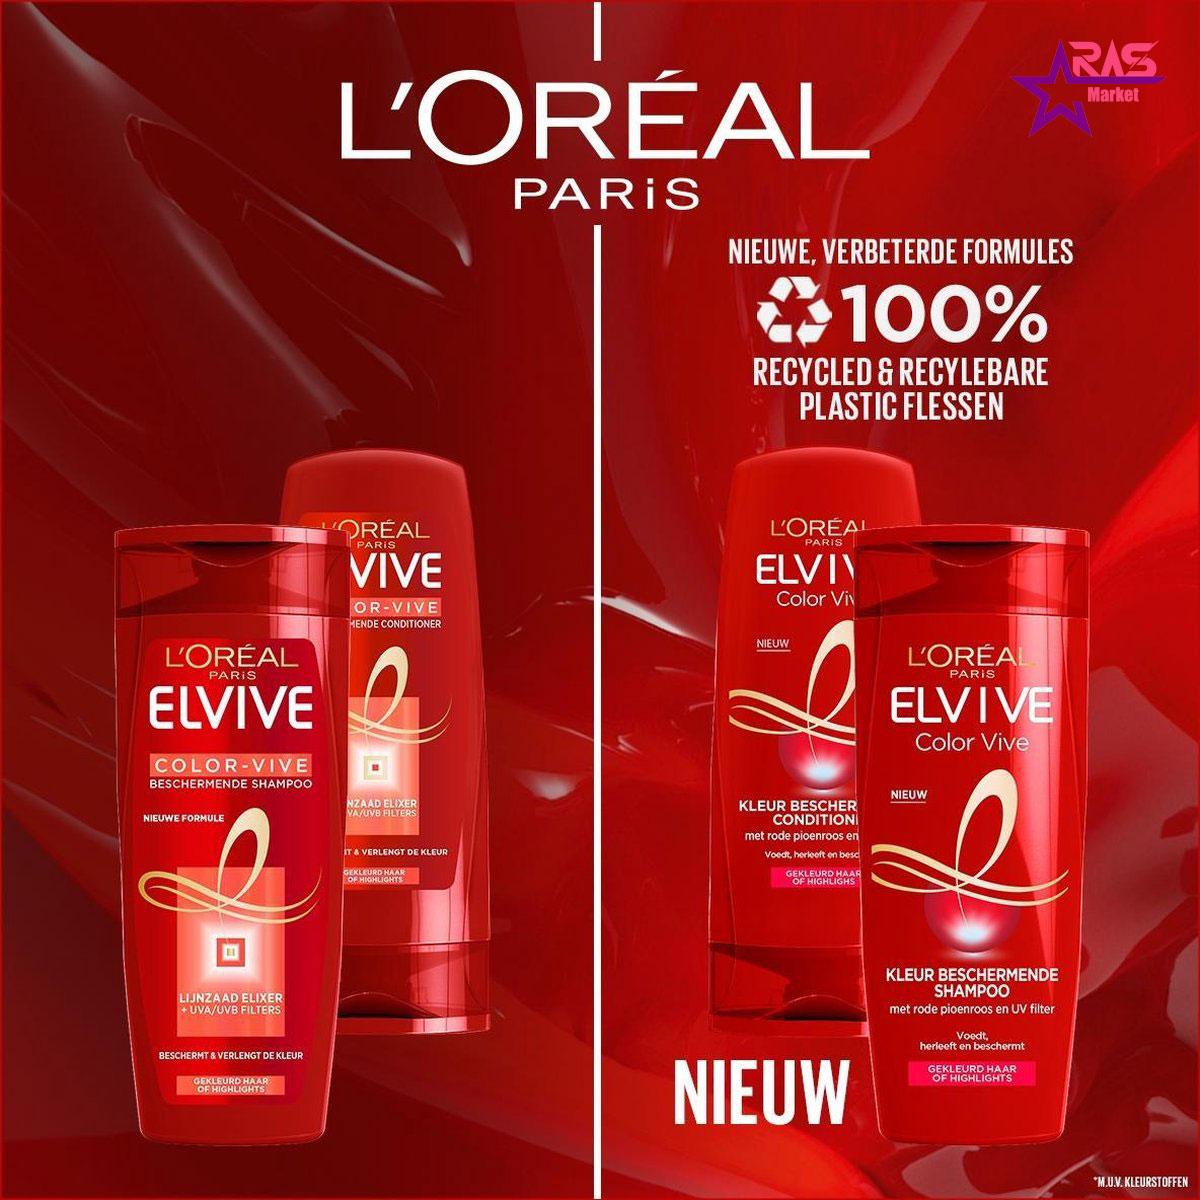 شامپو لورآل سری ELSEVE مدل Color Vive مخصوص موهای رنگ شده ۴۵۰ میلی لیتر ، خرید اینترنتی محصولات شوینده و بهداشتی ، ارس مارکت